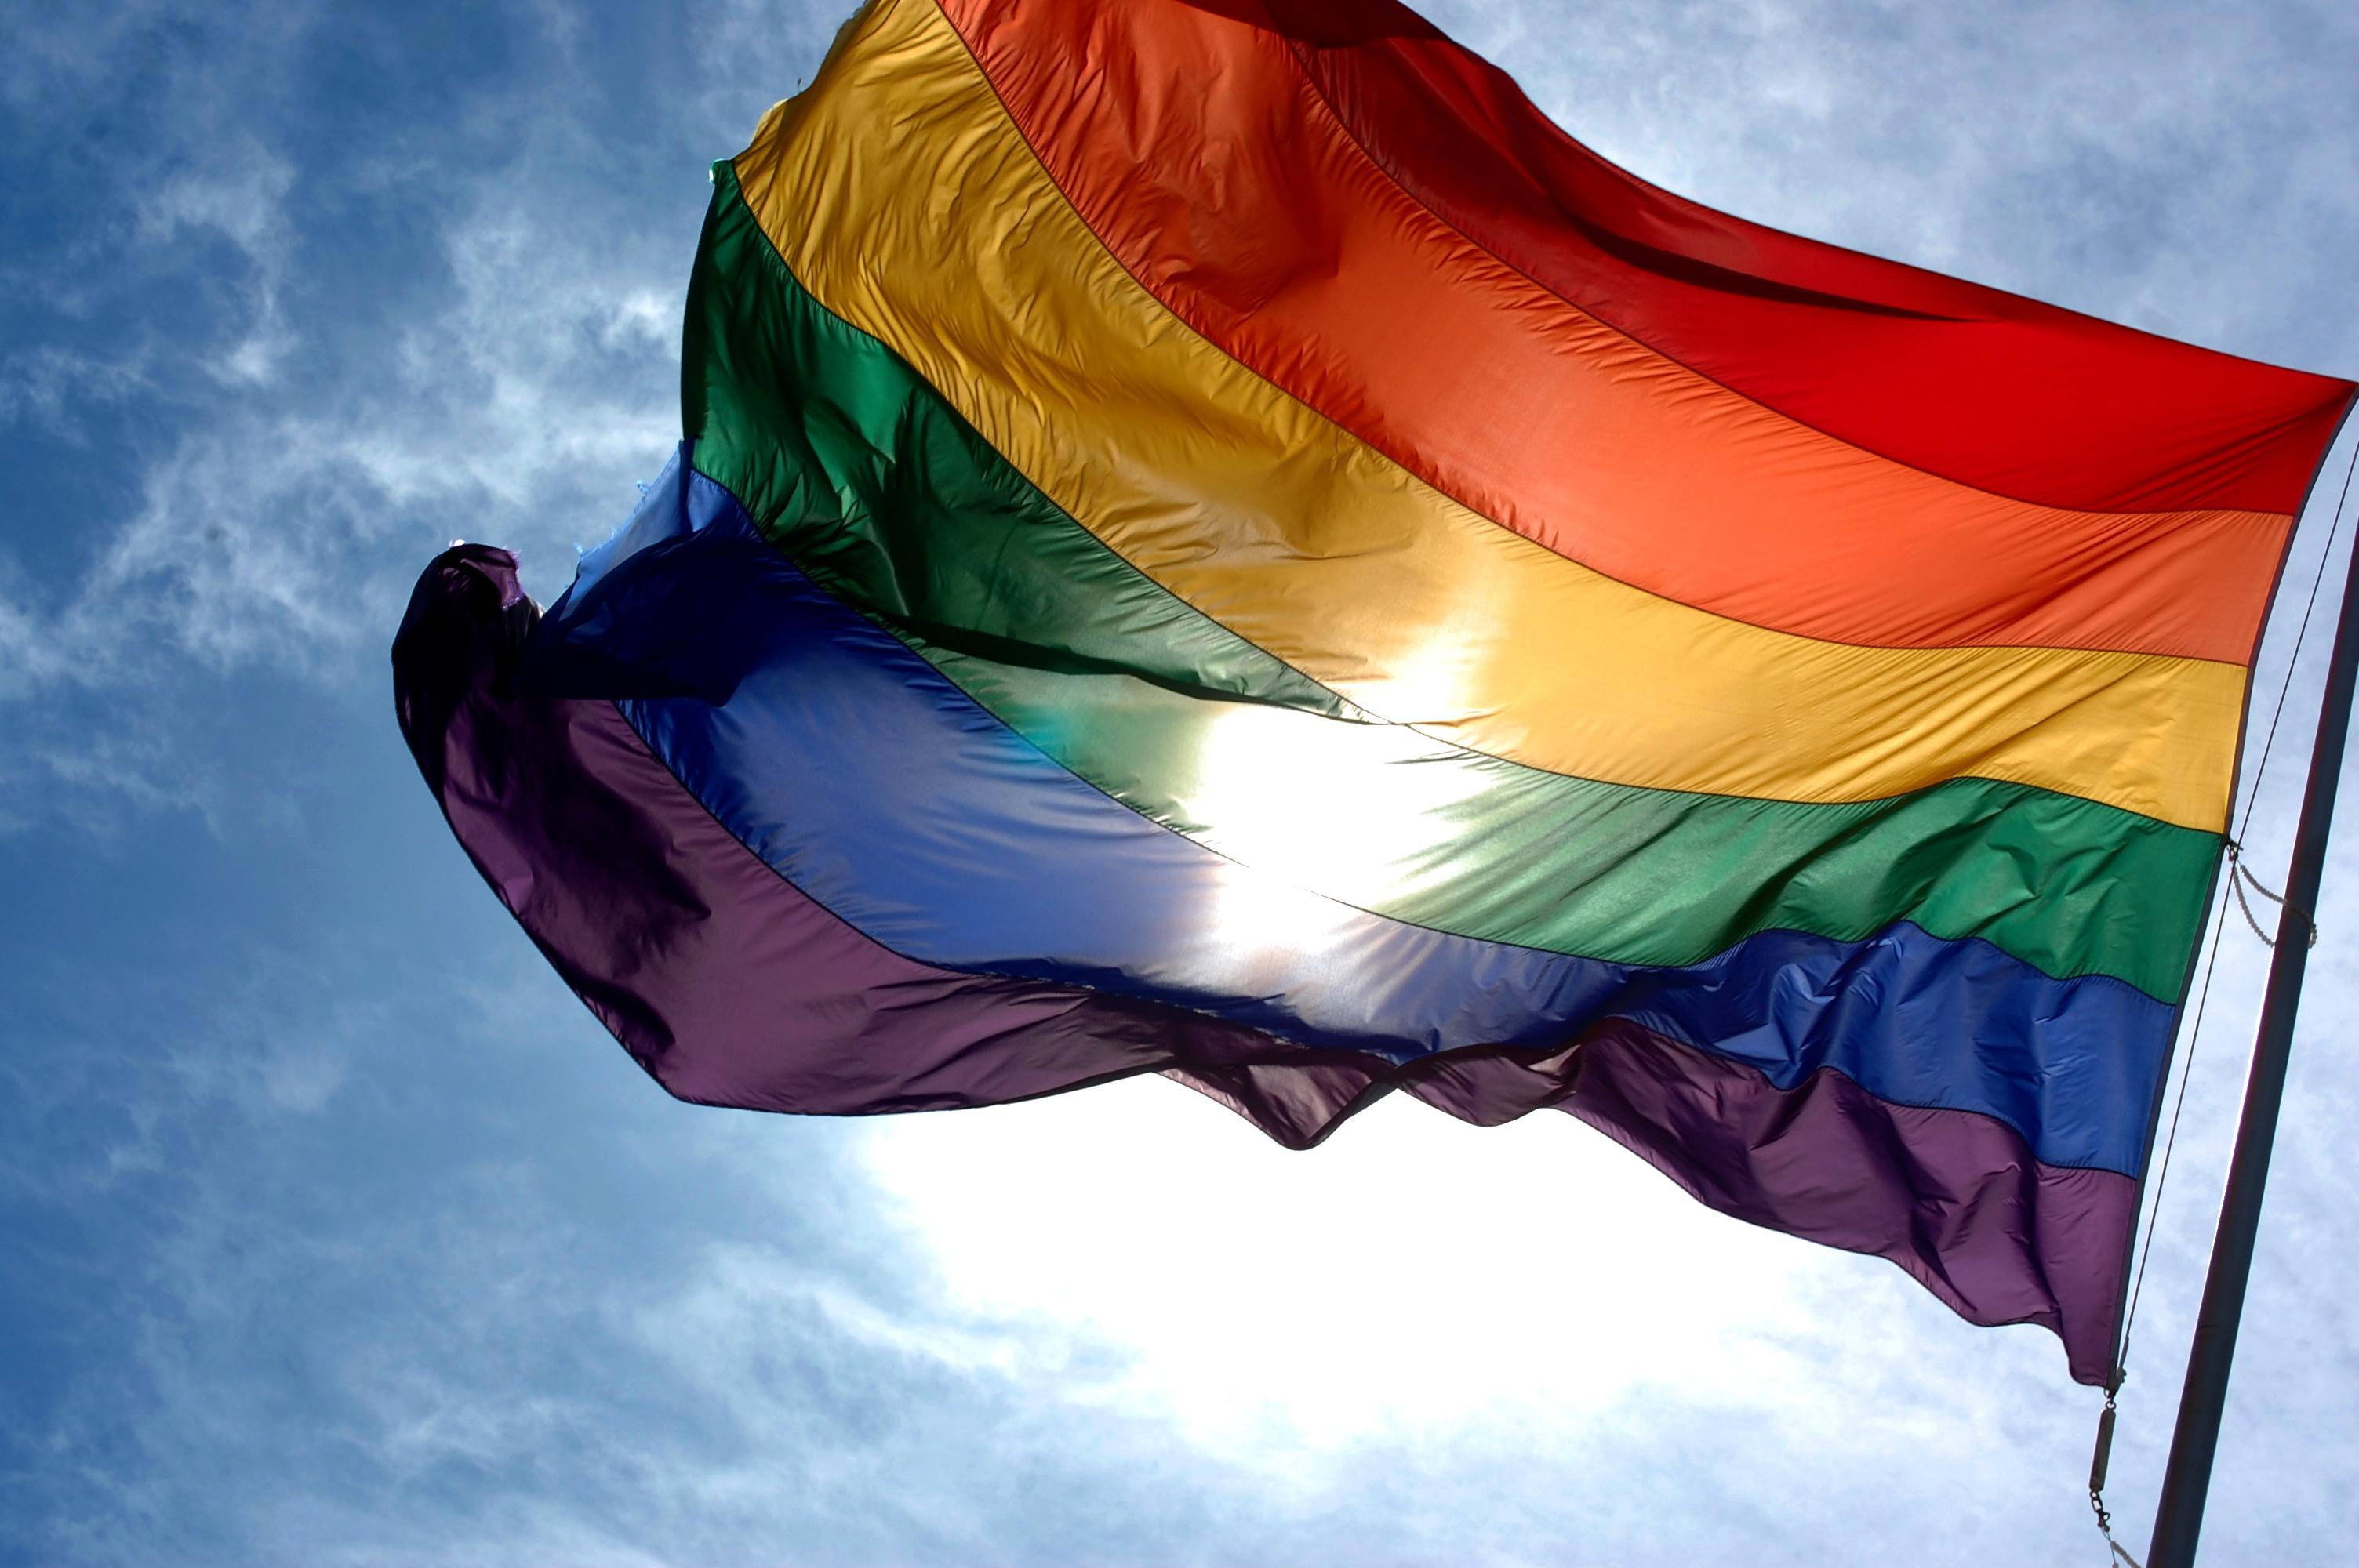 http://m1.paperblog.com/i/15/150224/dia-mundial-lucha-homofobia-discriminacion-pe-L-1.jpeg